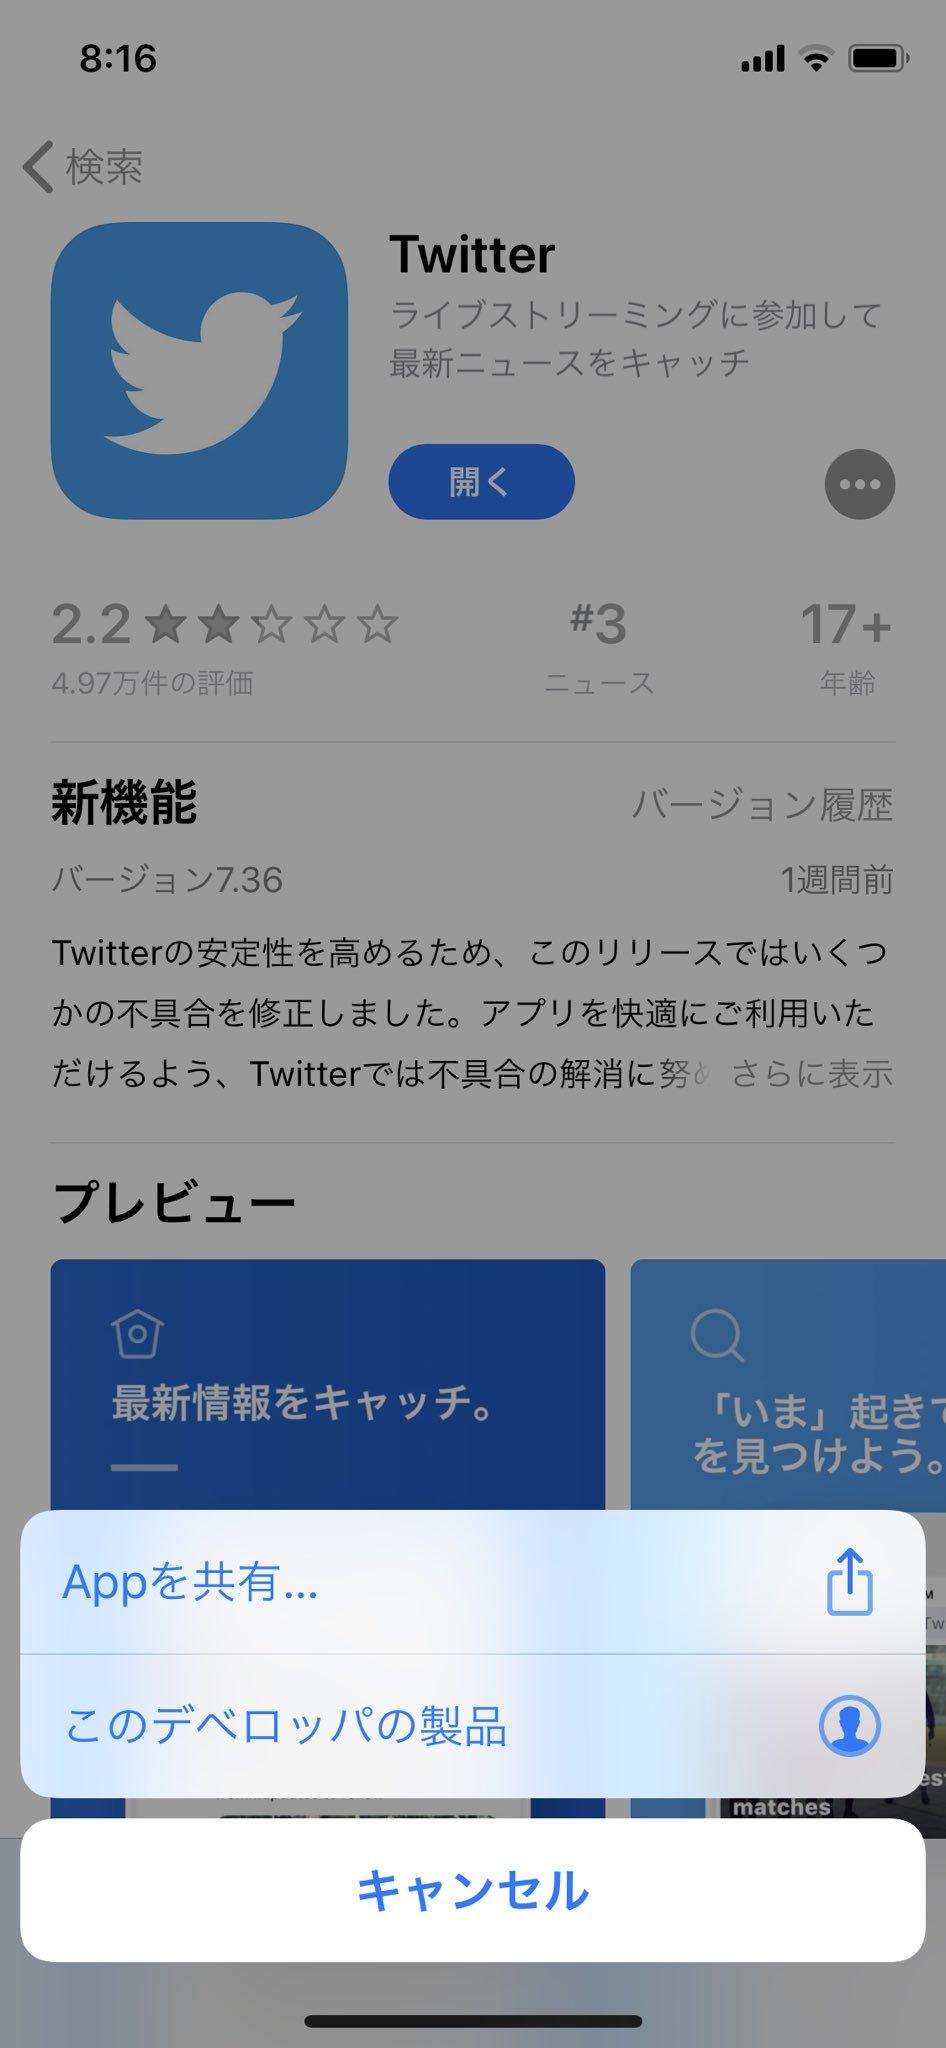 """alt""""1.共有したいアプリをApp Storeで開いて「開く」の右にある「…」をタップしてAppを共有をタップ"""""""